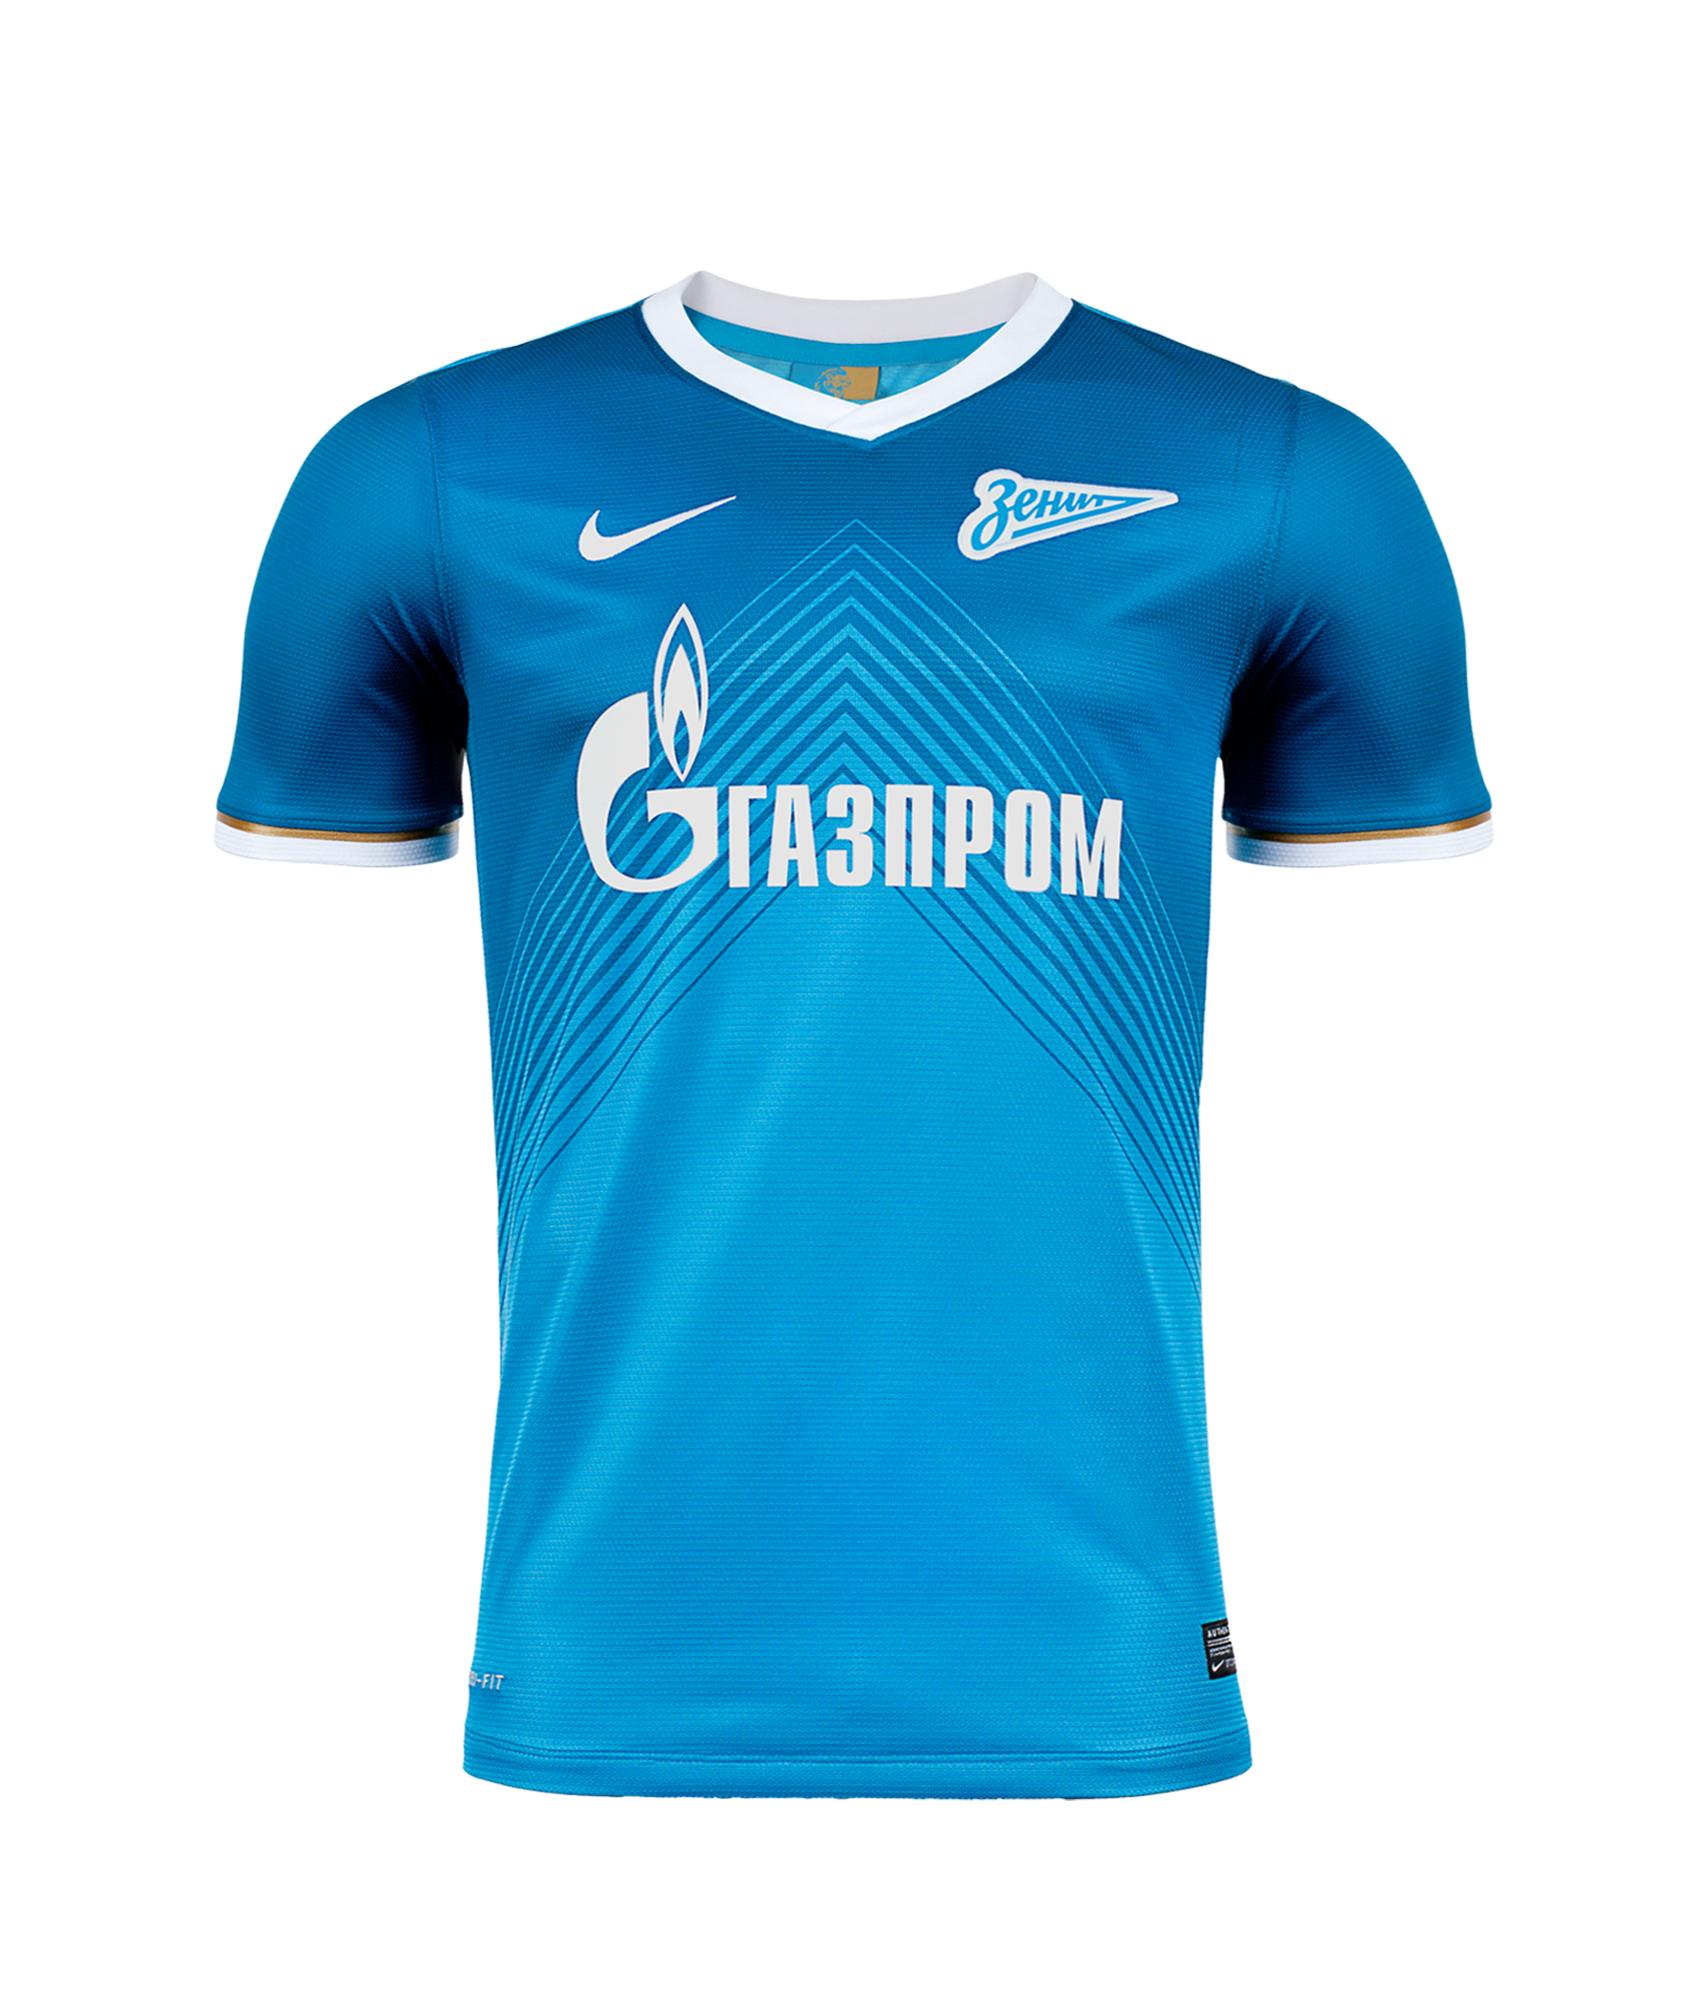 Оригинальная домашняя детская футболка , Цвет-Синий, Размер-XS